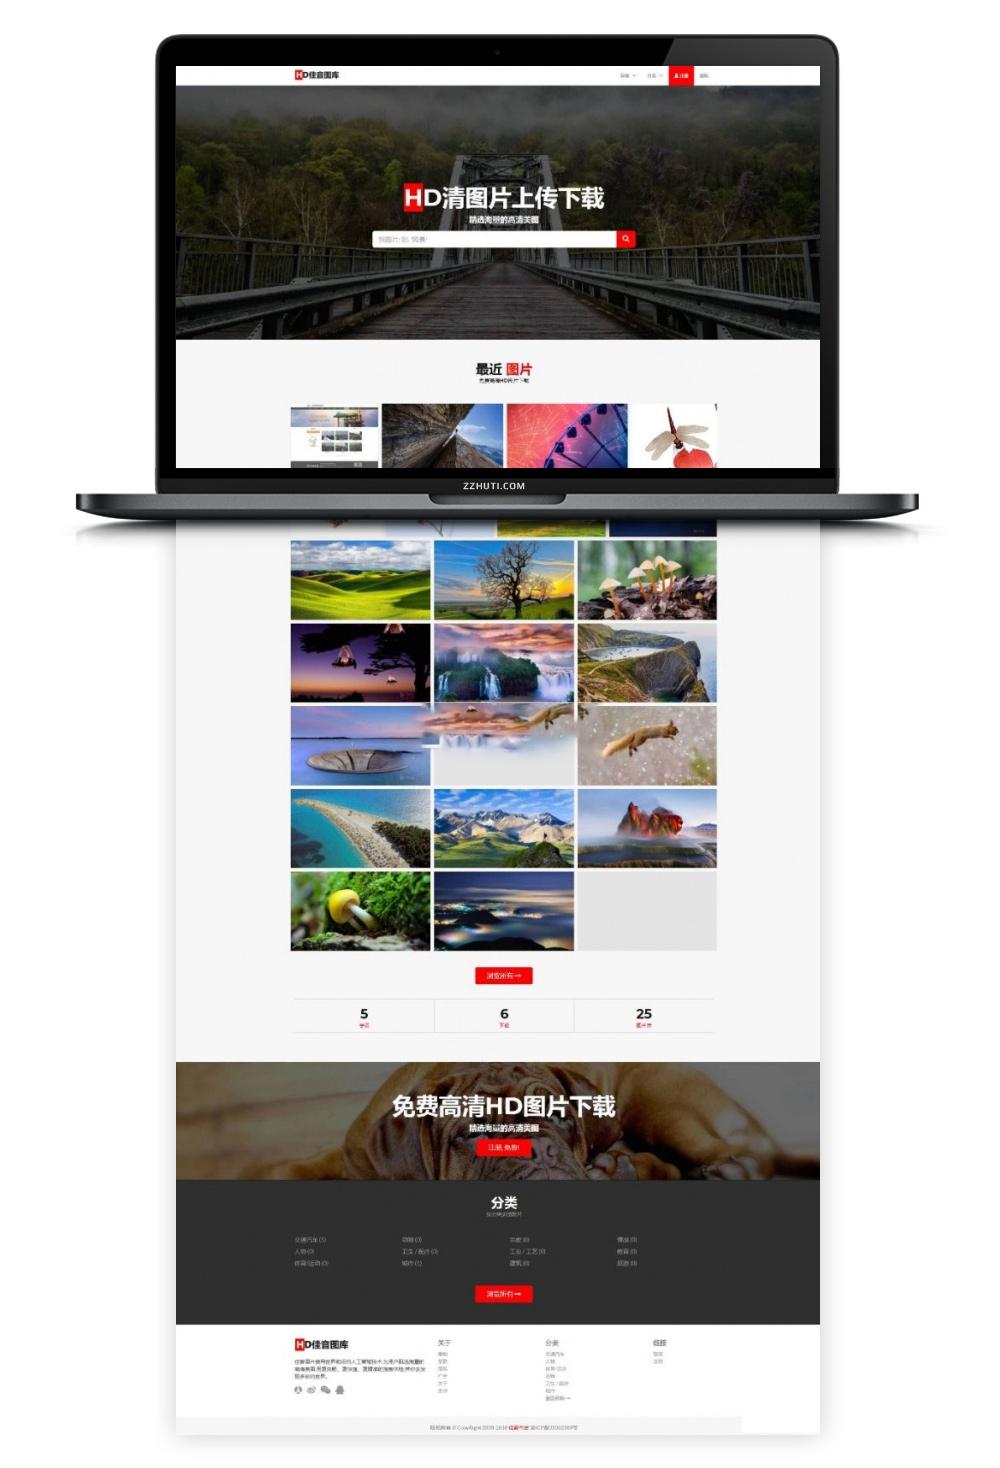 新版《美图吧》美图壁纸图库图片上传分享下载整站站源码 带会员系统